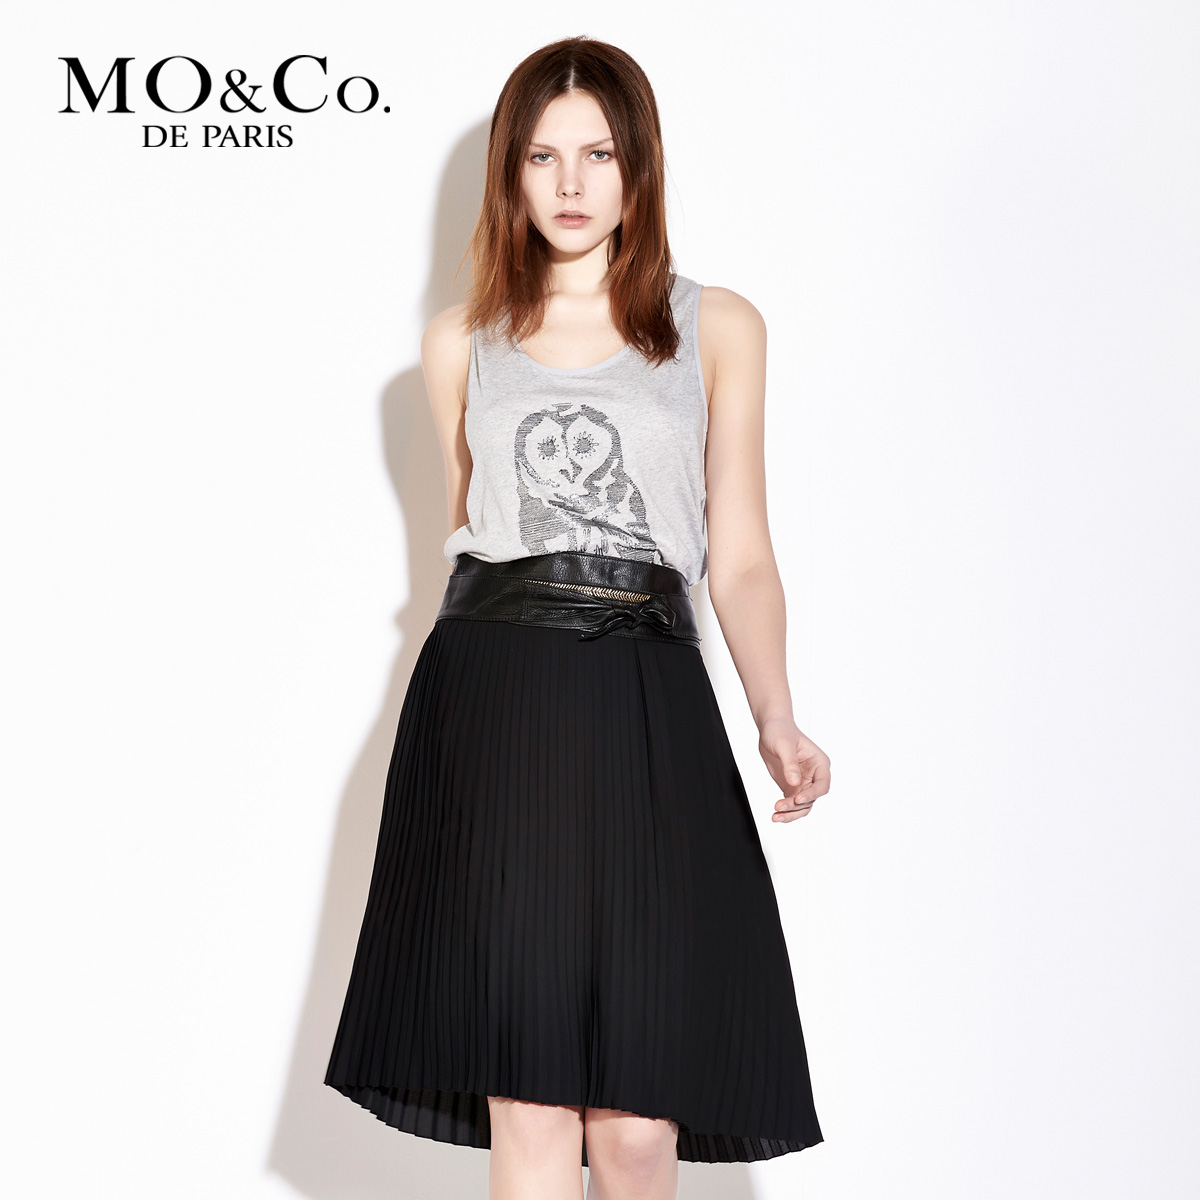 Юбка Mo & Co. m122skt81 MO&Co. Moco mo